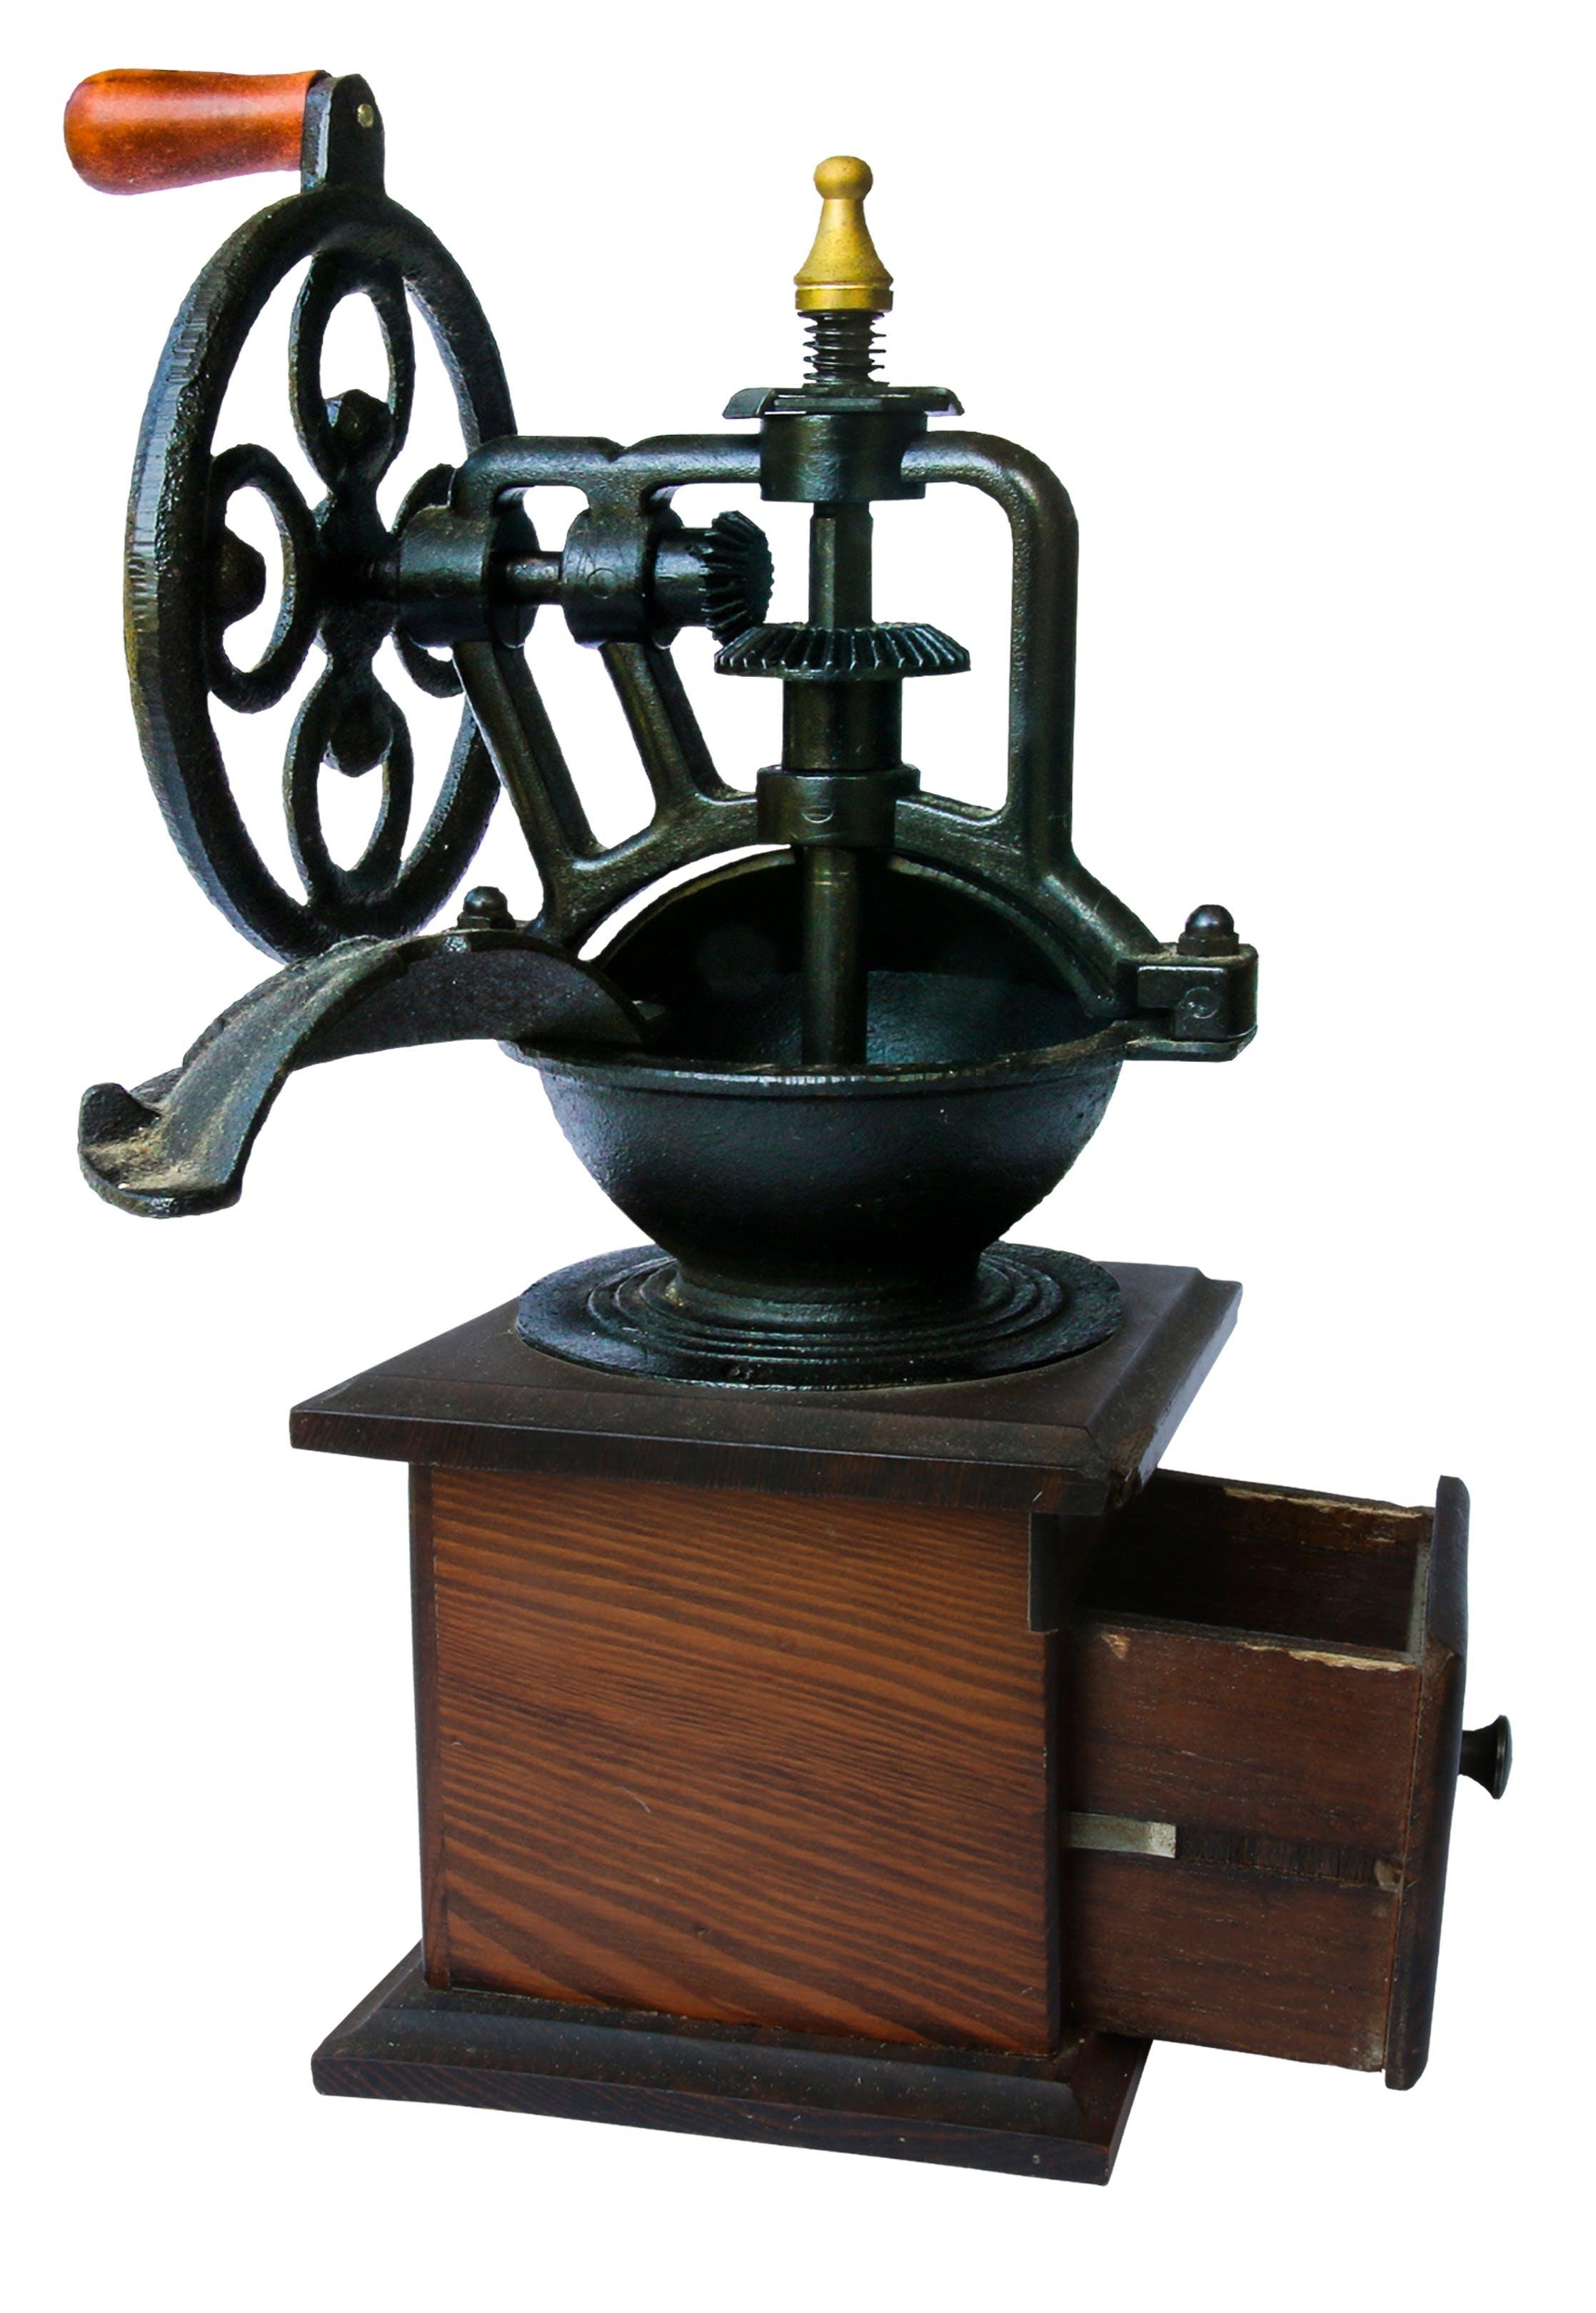 咖啡, 咖啡研磨機, 咖啡磨豆機, 研磨 的 免費圖庫相片